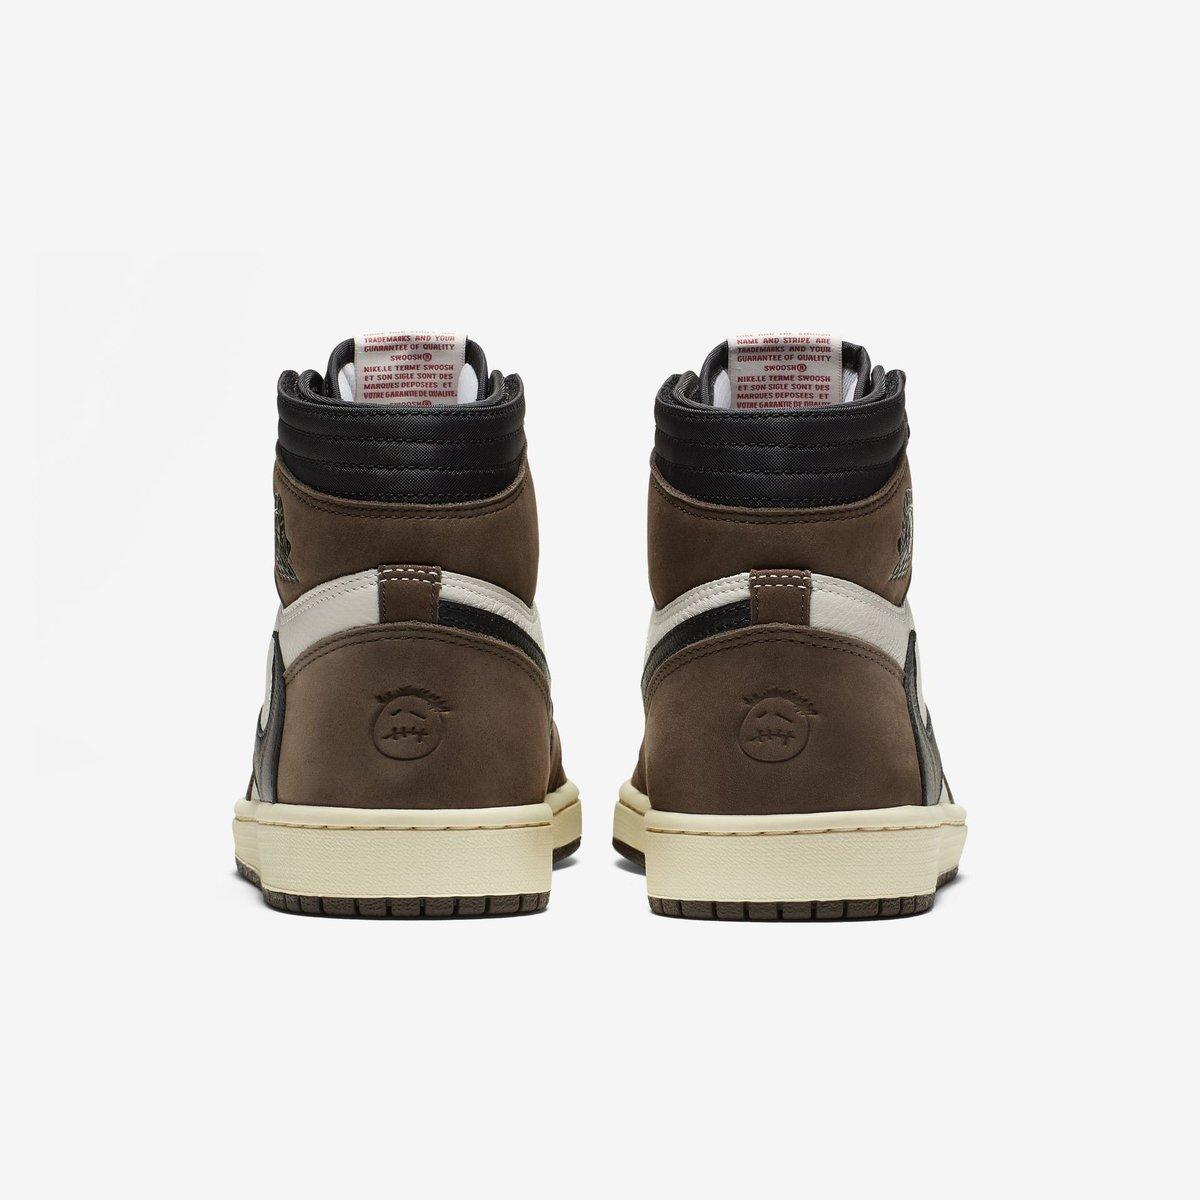 sneakers for cheap 8c364 1b862 Travis Scott x Jordan 1 Retro High OG NRG official  imagespic.twitter.com VsKl0sk0FB. 6 53 PM - 10 Feb 2019